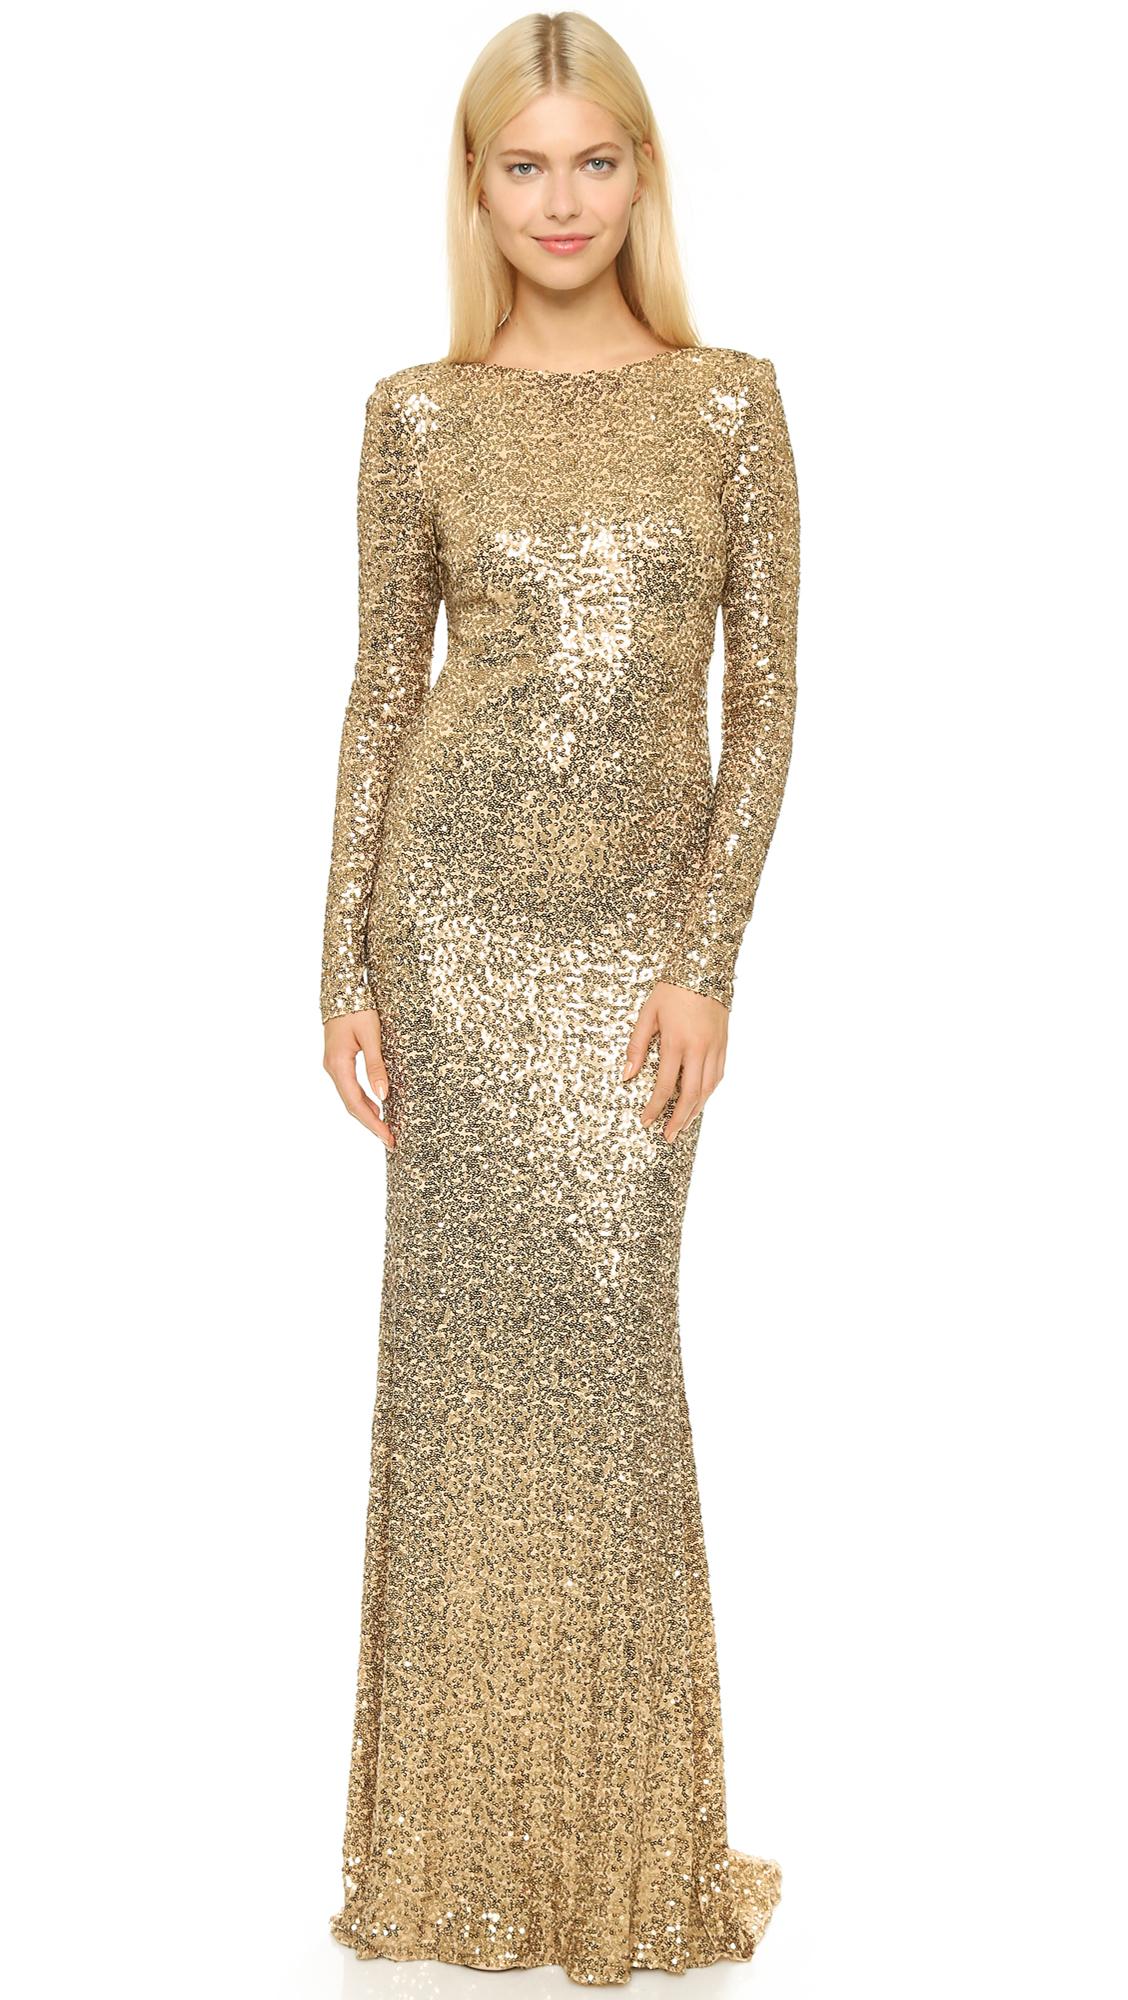 Lyst  Badgley Mischka Long Sleeve Sequin Gown  Gold in Metallic